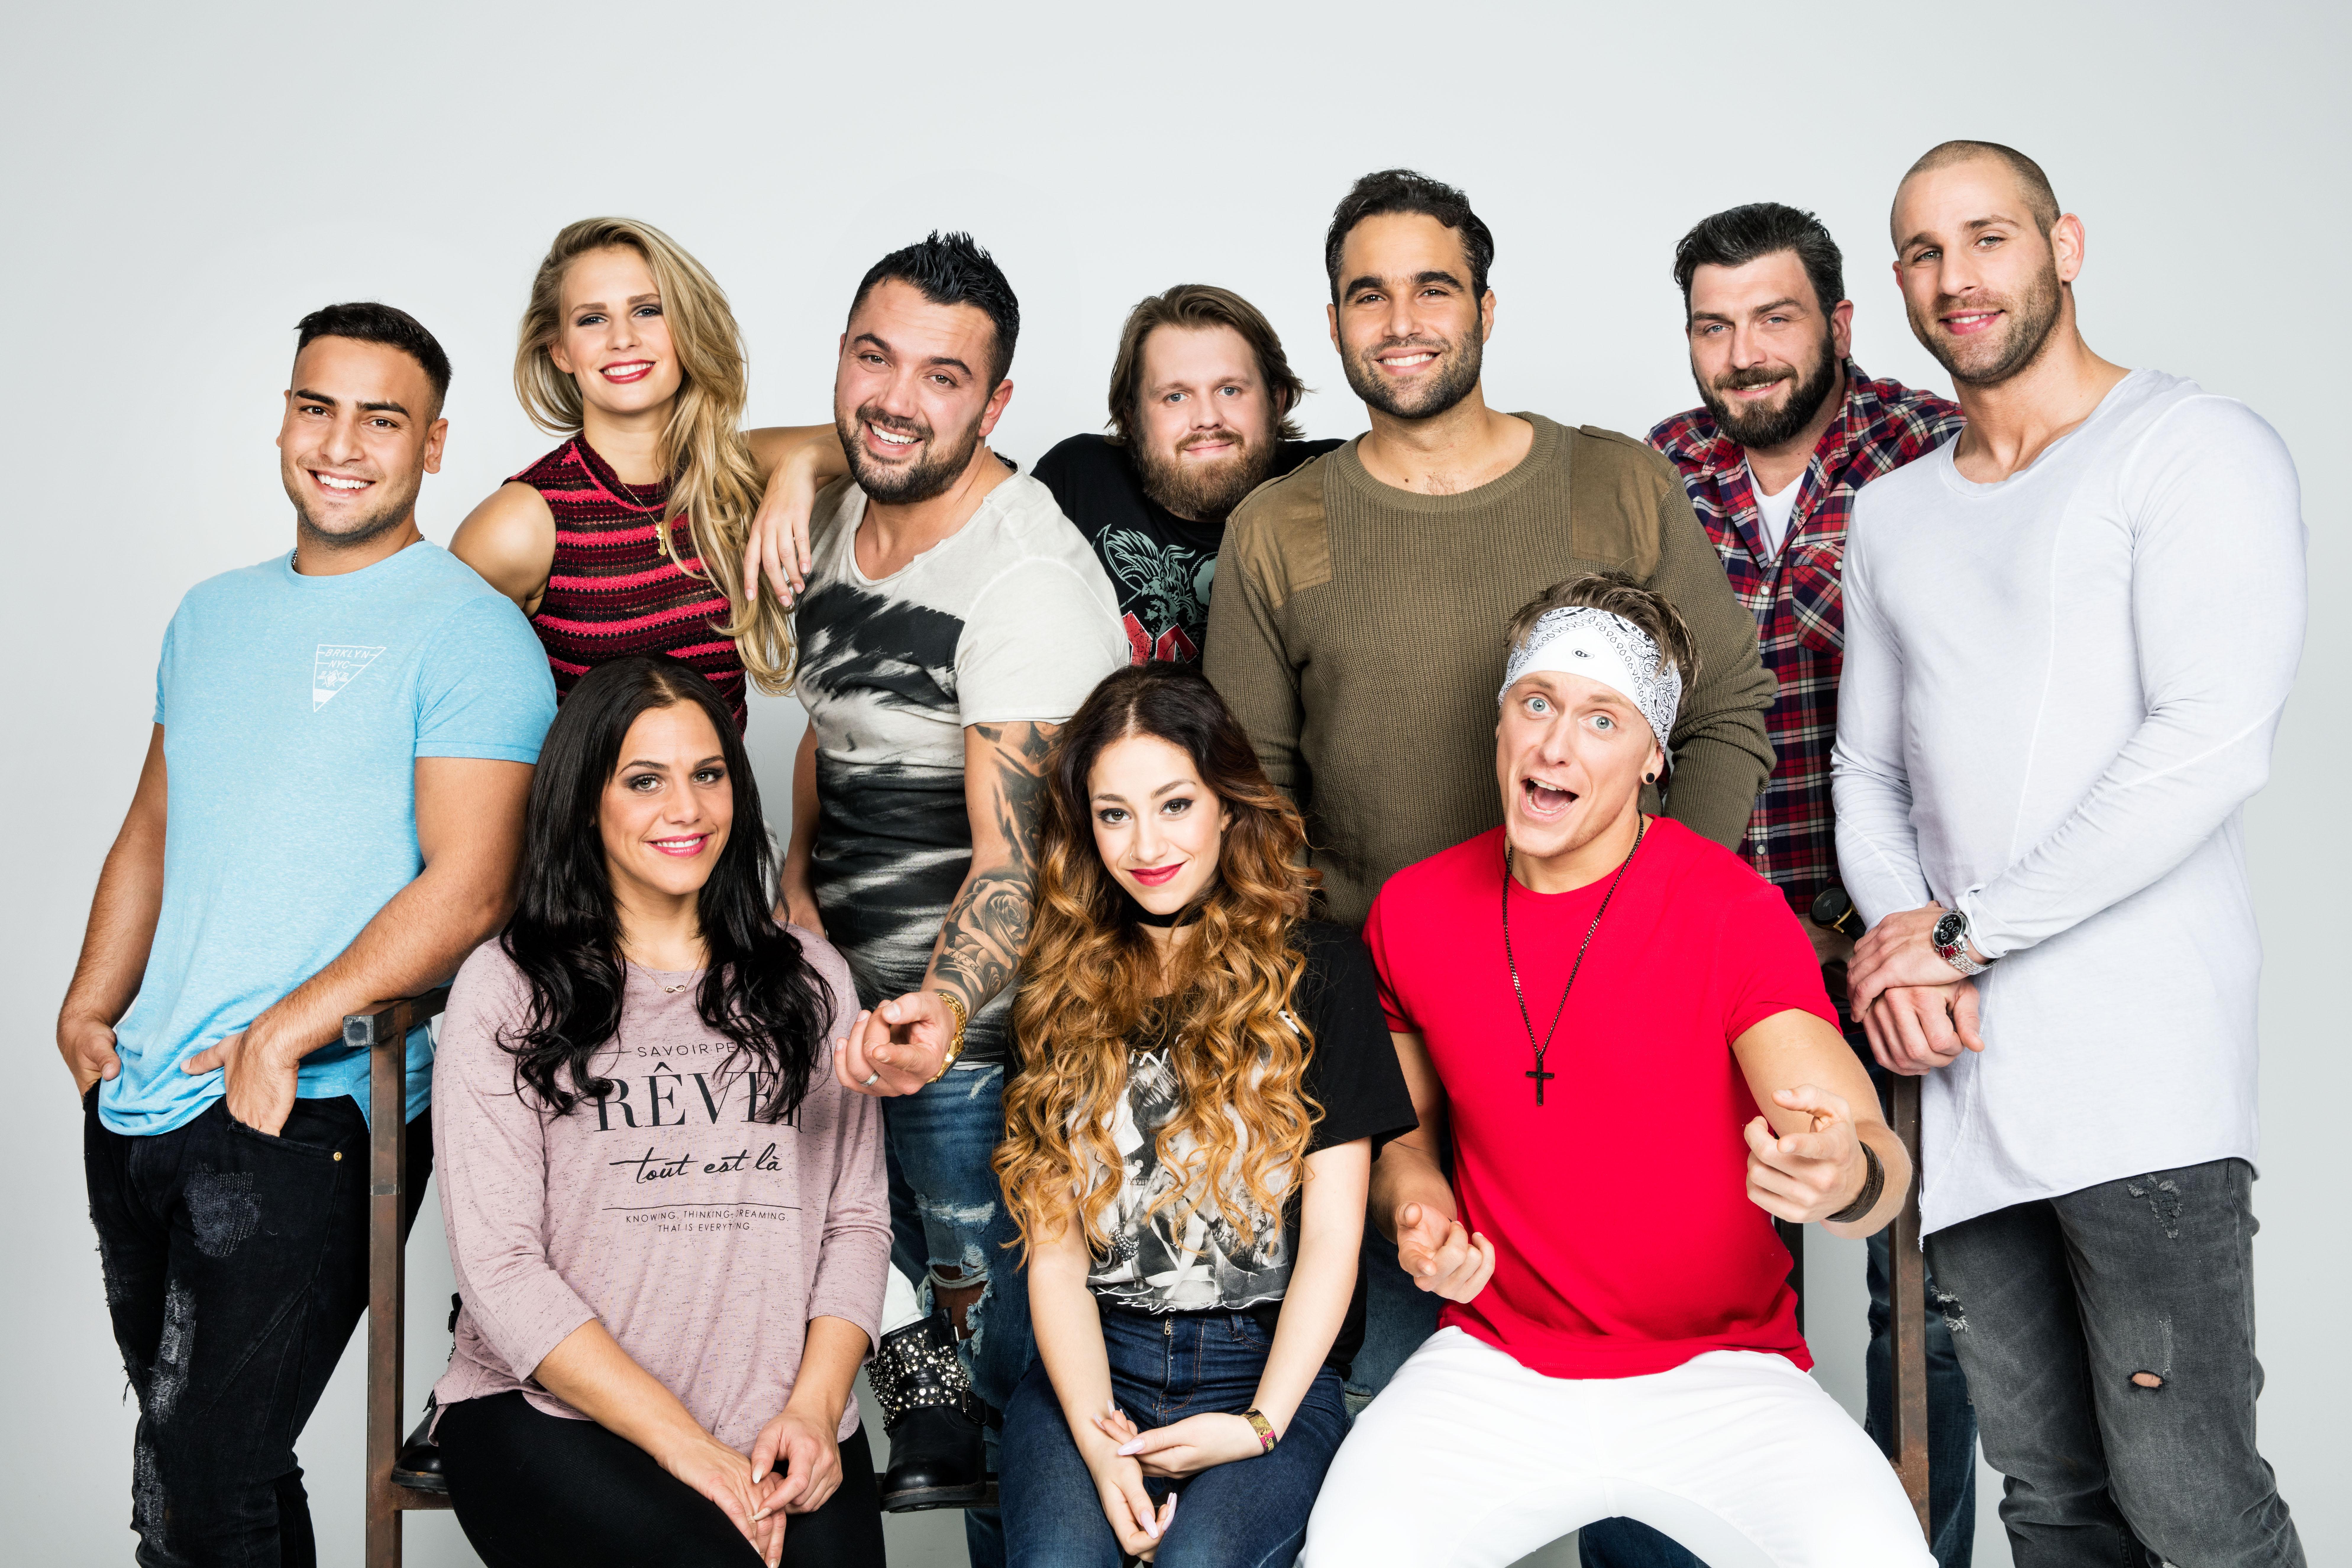 oben v.l.n.r.: Cem, Jule, Manu, Jan, Diego, Alex, Patrick; unten v.l.n.r.: Sophia, Elli, Kevin